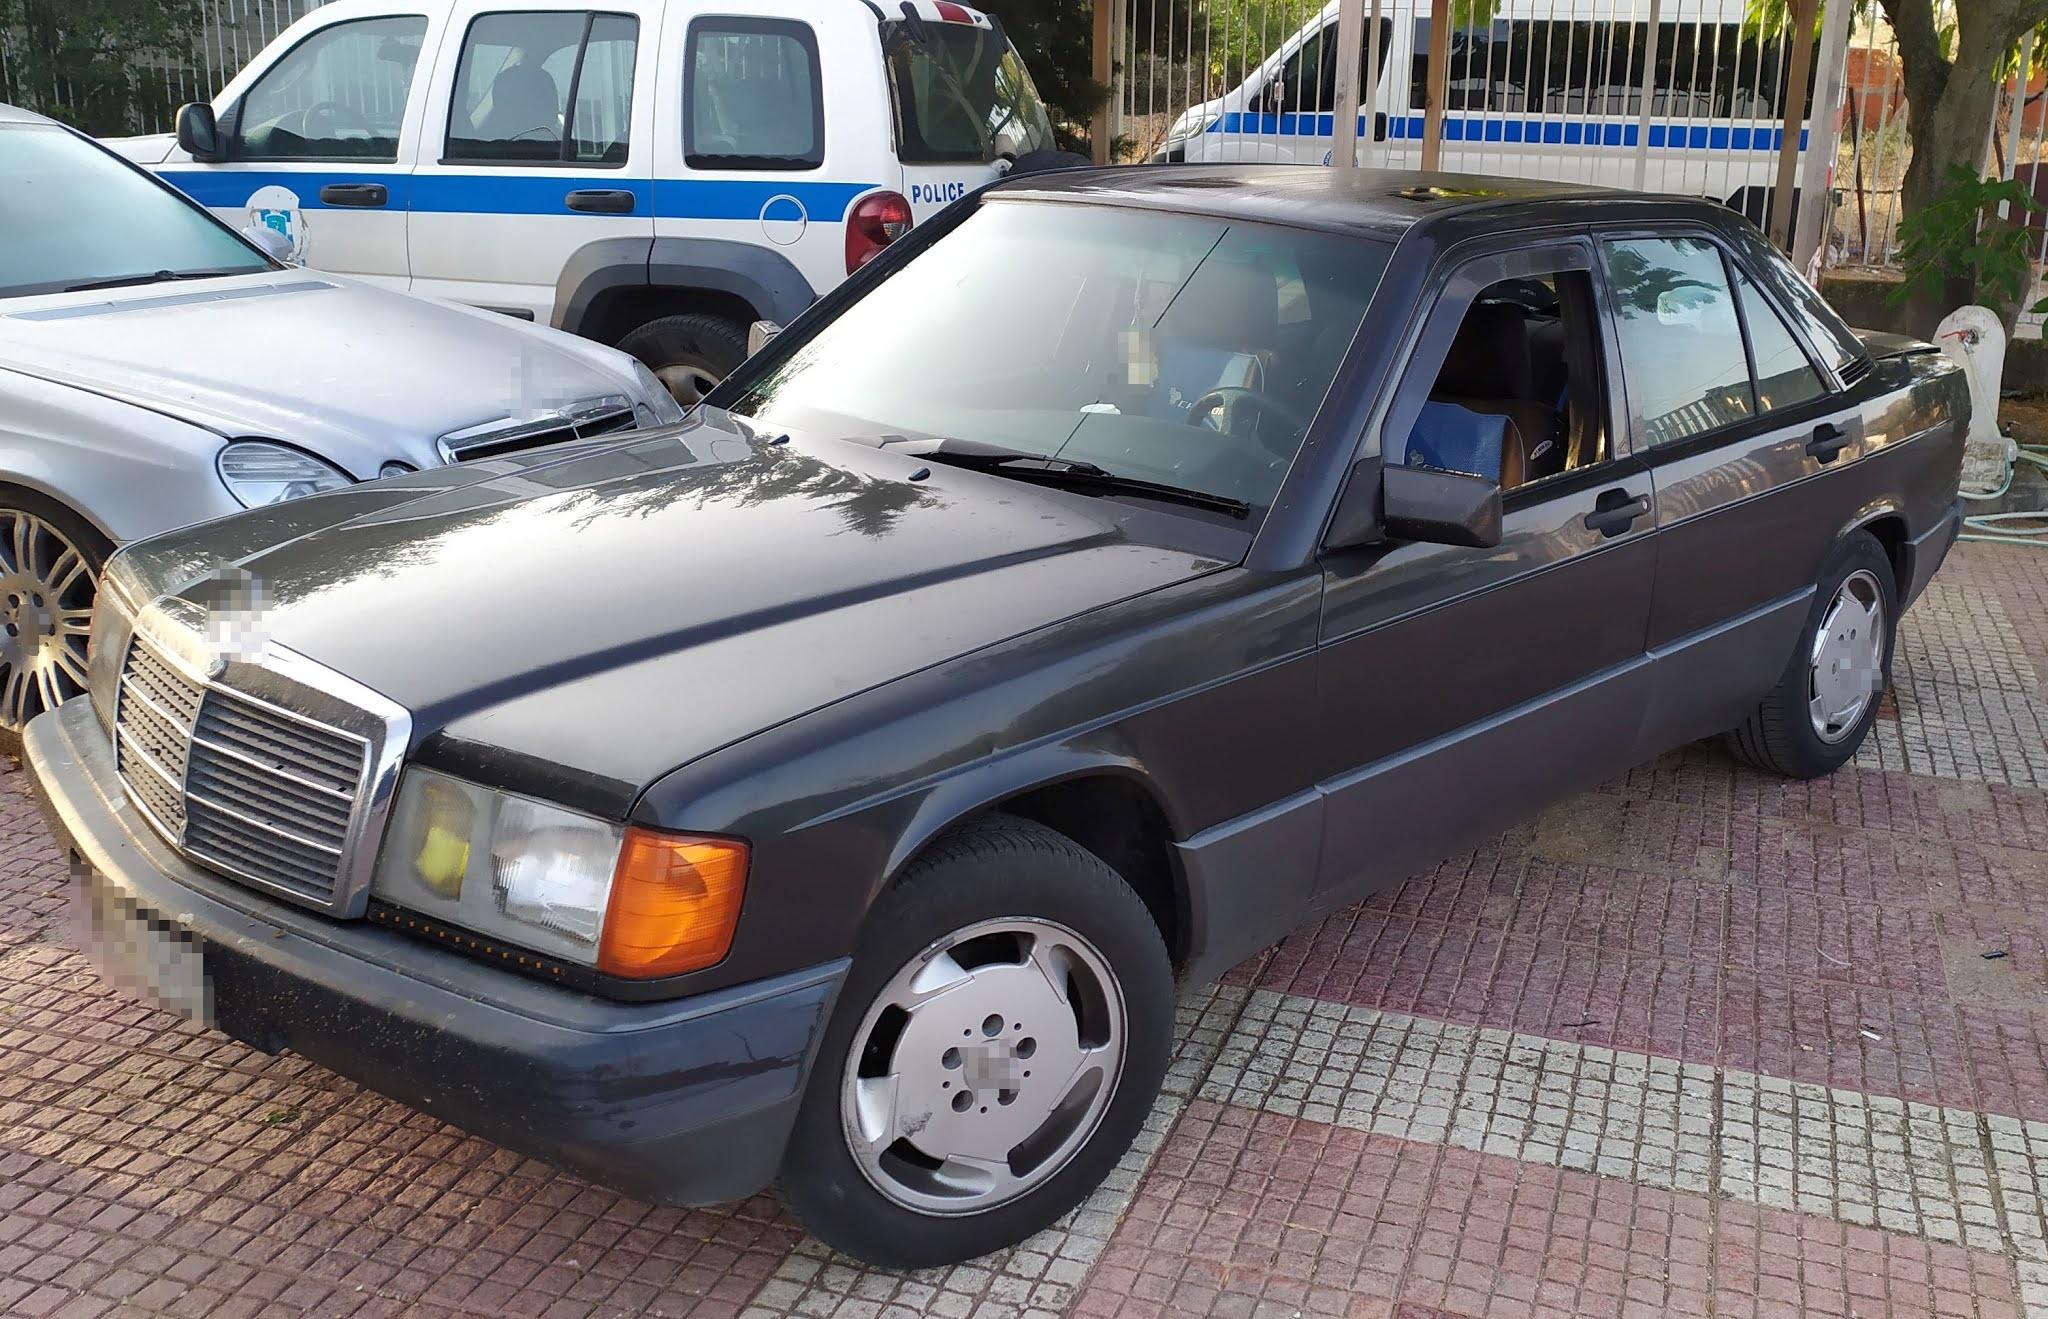 Ροδόπη: Νέα σύλληψη διακινητή  κοντά στις Σάπες